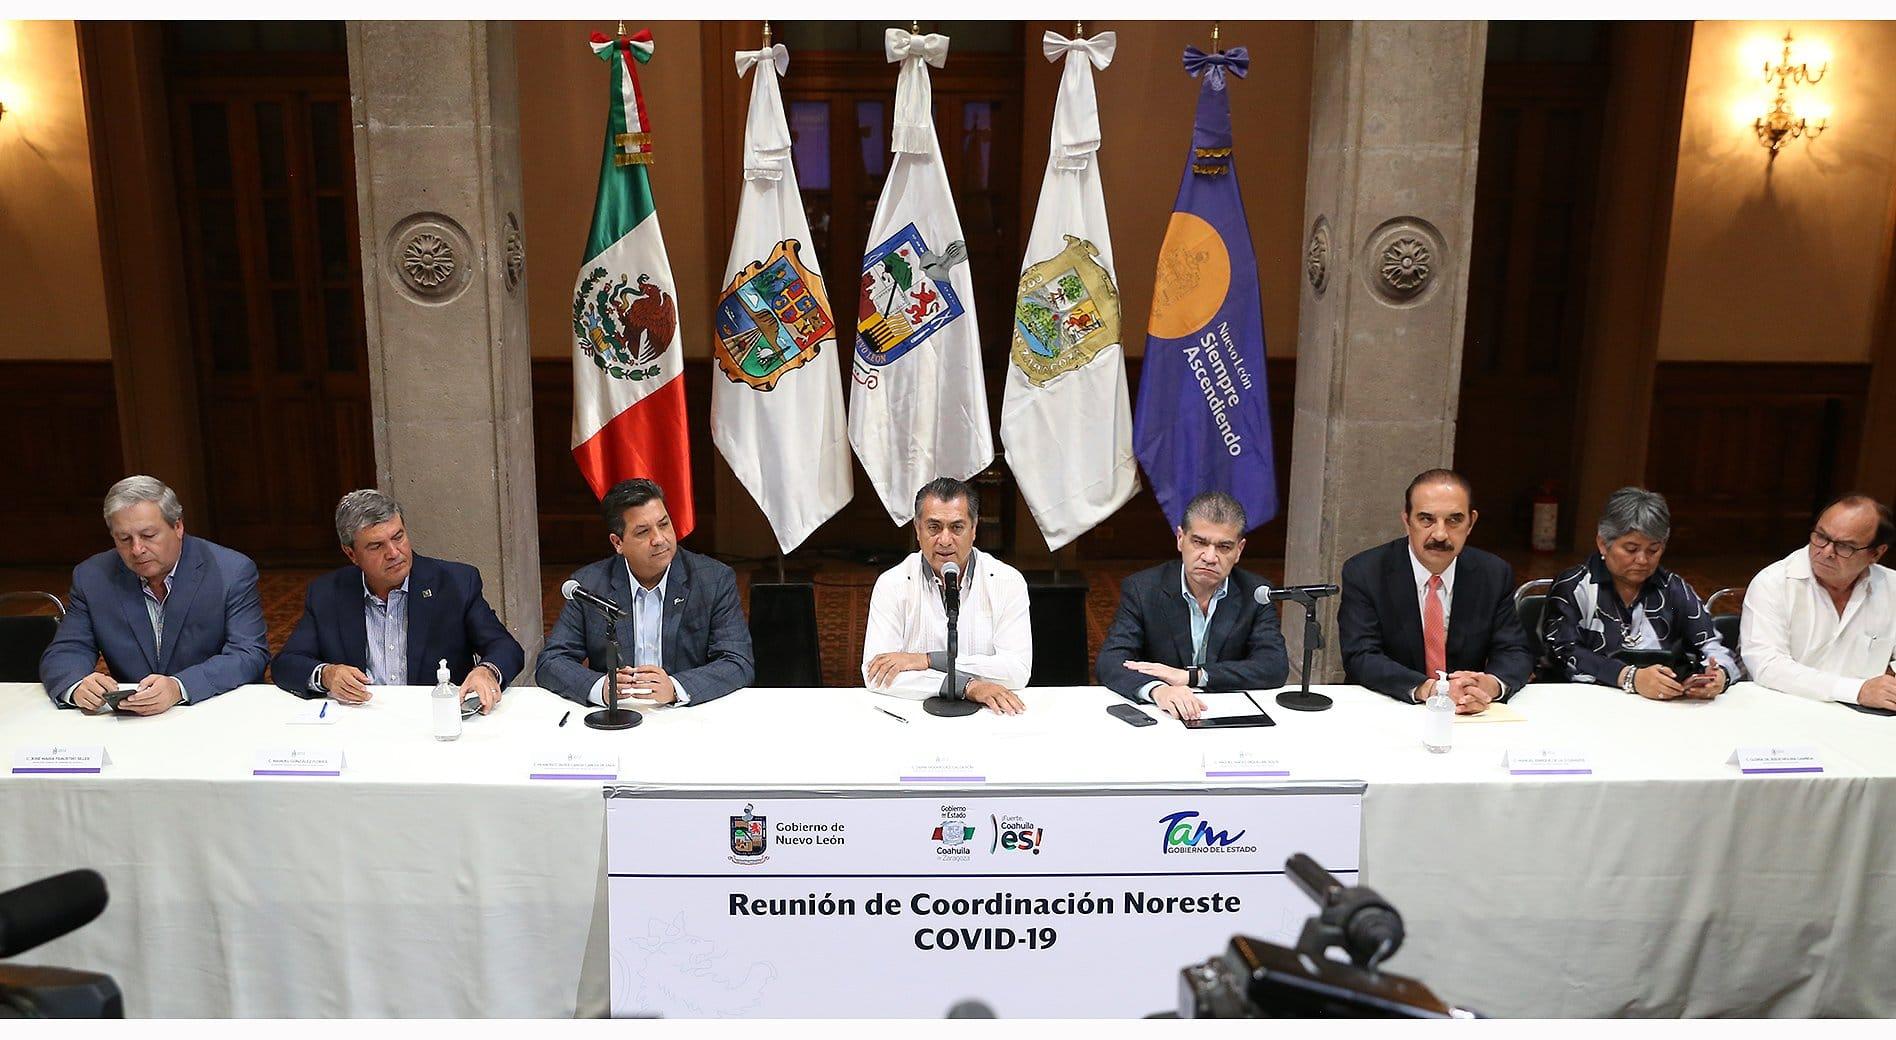 Estados del noreste 'sellarán' la frontera para evitar contagios de covid-19